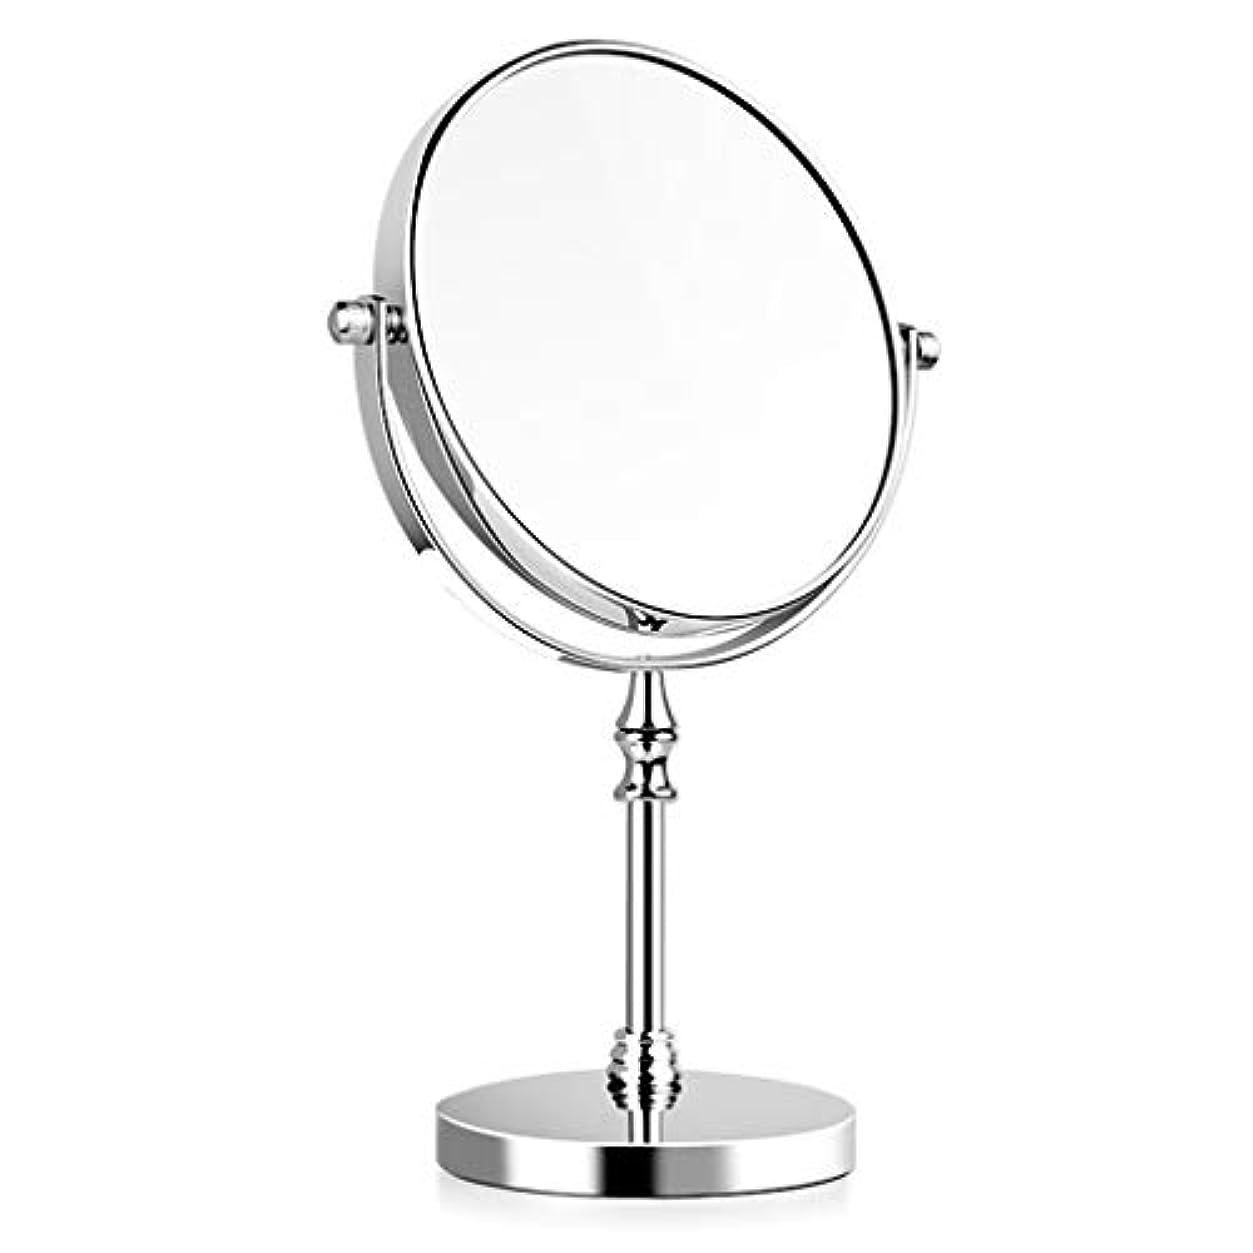 休憩する蓮導出.化粧鏡 化粧鏡大型HD両面デスクトップ化粧鏡化粧鏡3倍倍率360°回転 ED化粧鏡1倍/ 2倍/ 3倍/ 5倍/ 10倍拡大鏡ポ